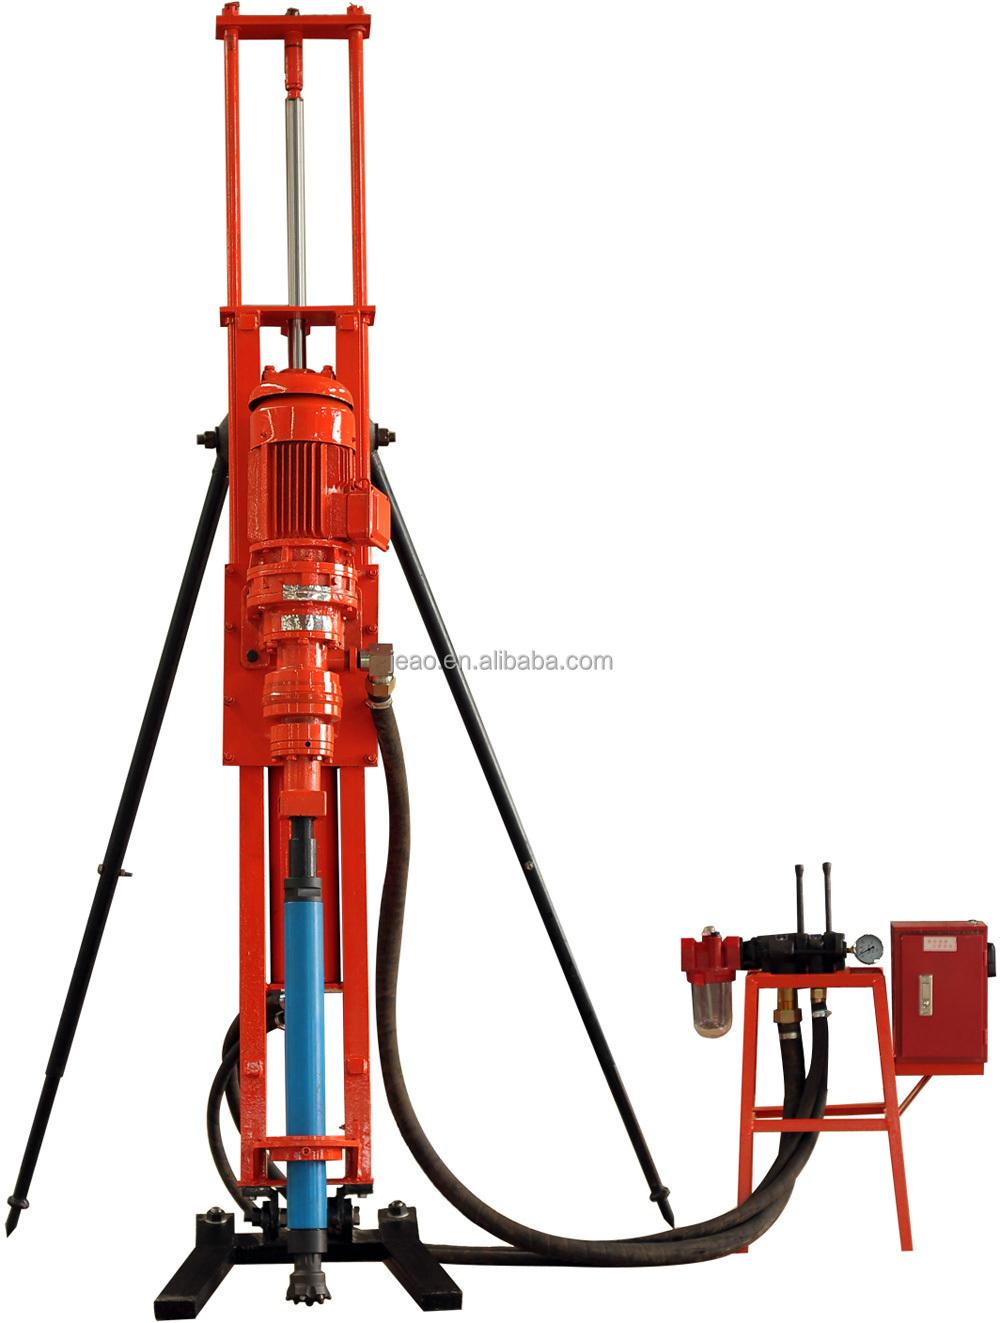 2014 Hot Sale Cheaper Mini Rock Portable Drilling Rig